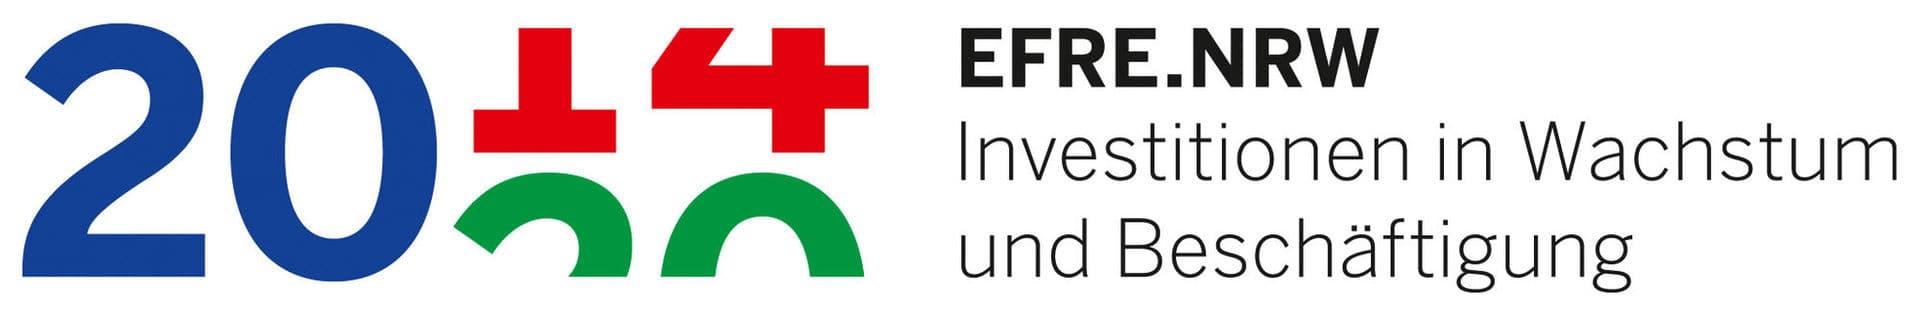 EFRE.NRW